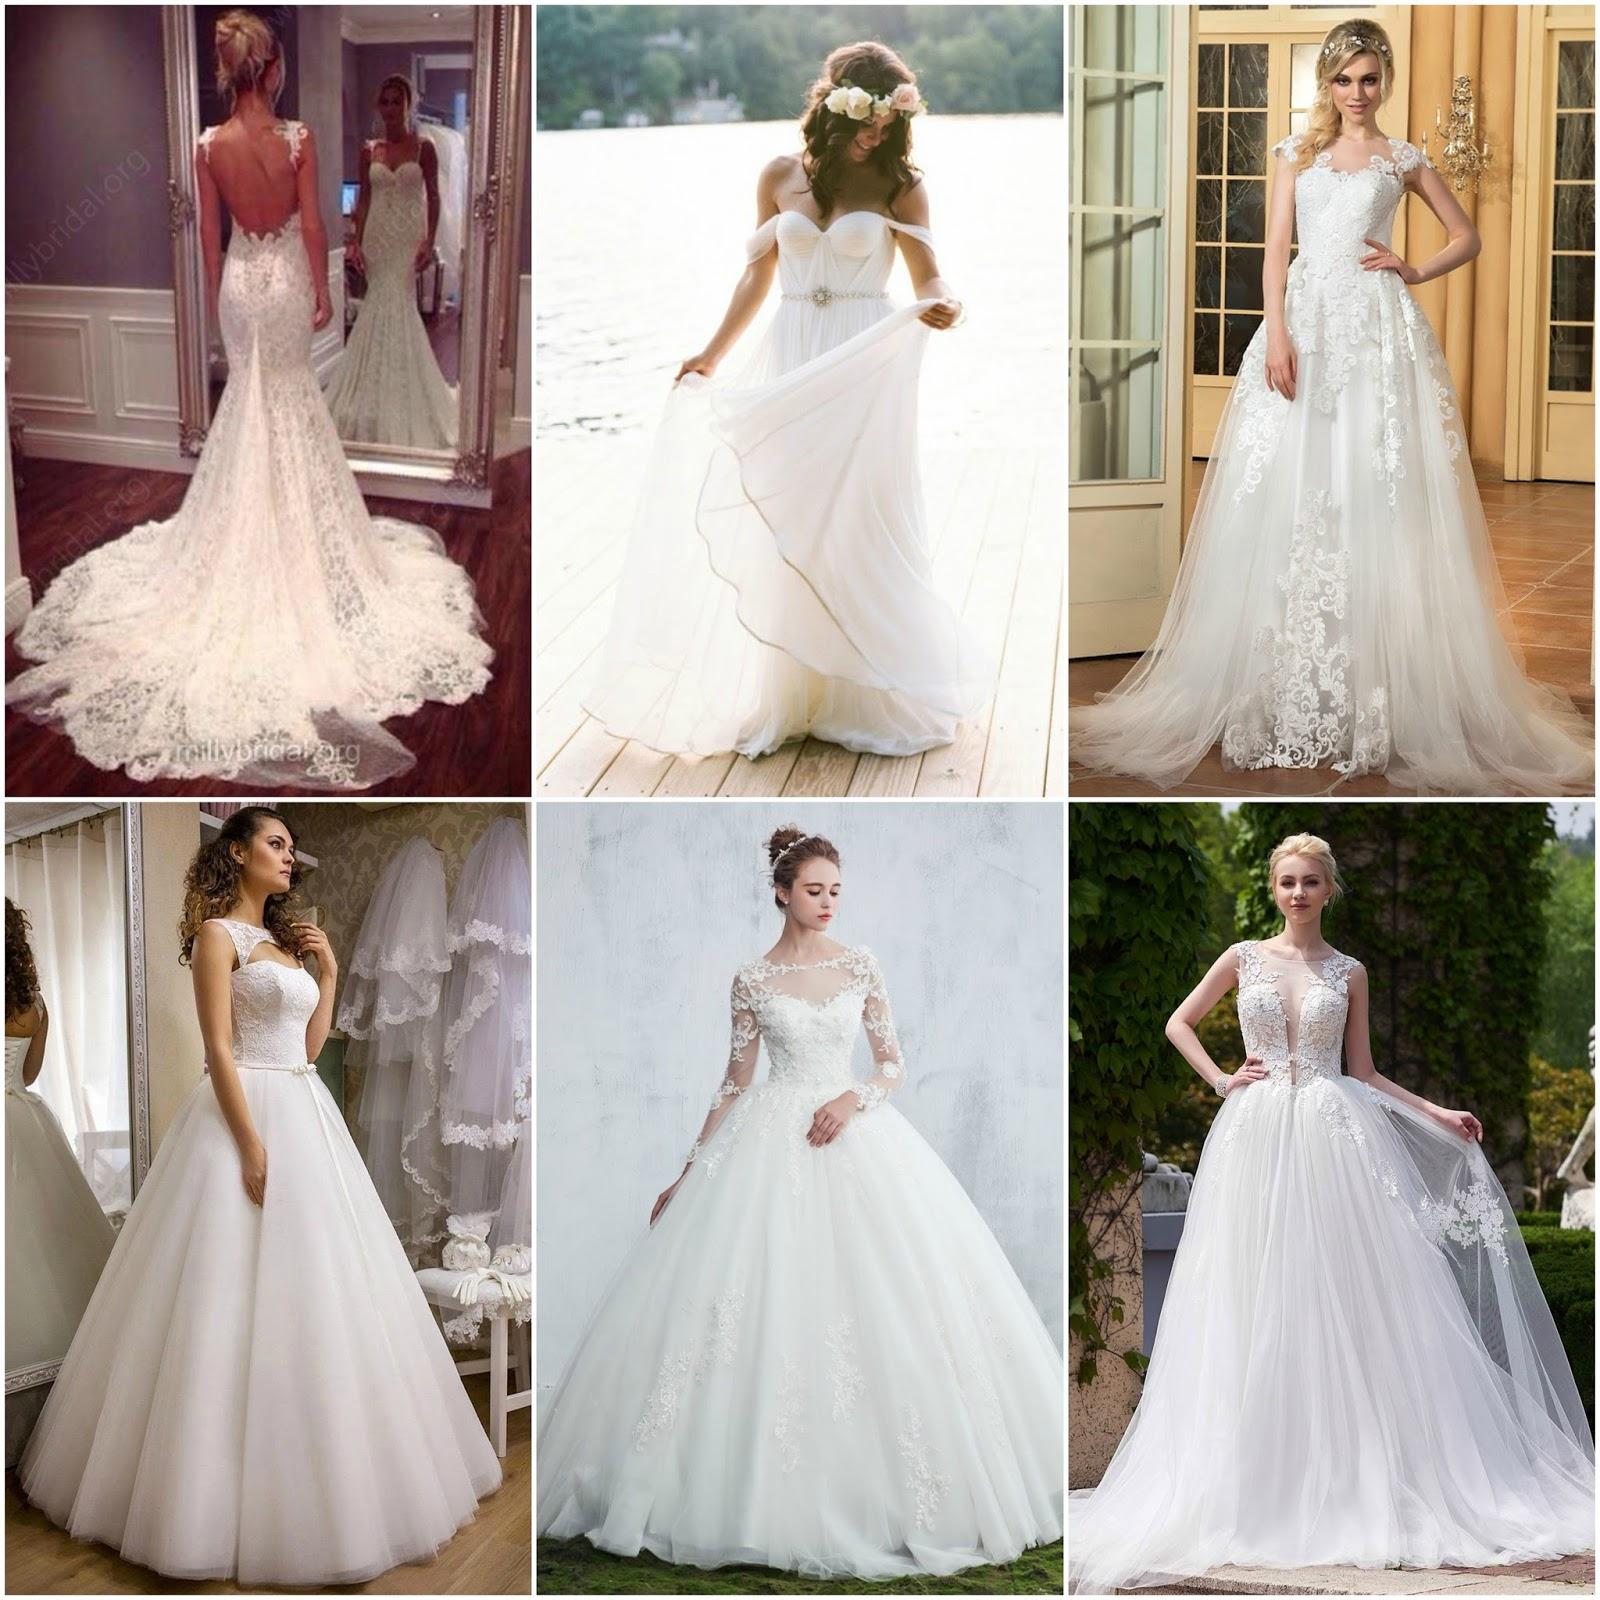 2a1c361a4 E se você for casar (ou conhece alguém que vai) e estiver pensando num  vestido bem maravilhoso para o grande dia